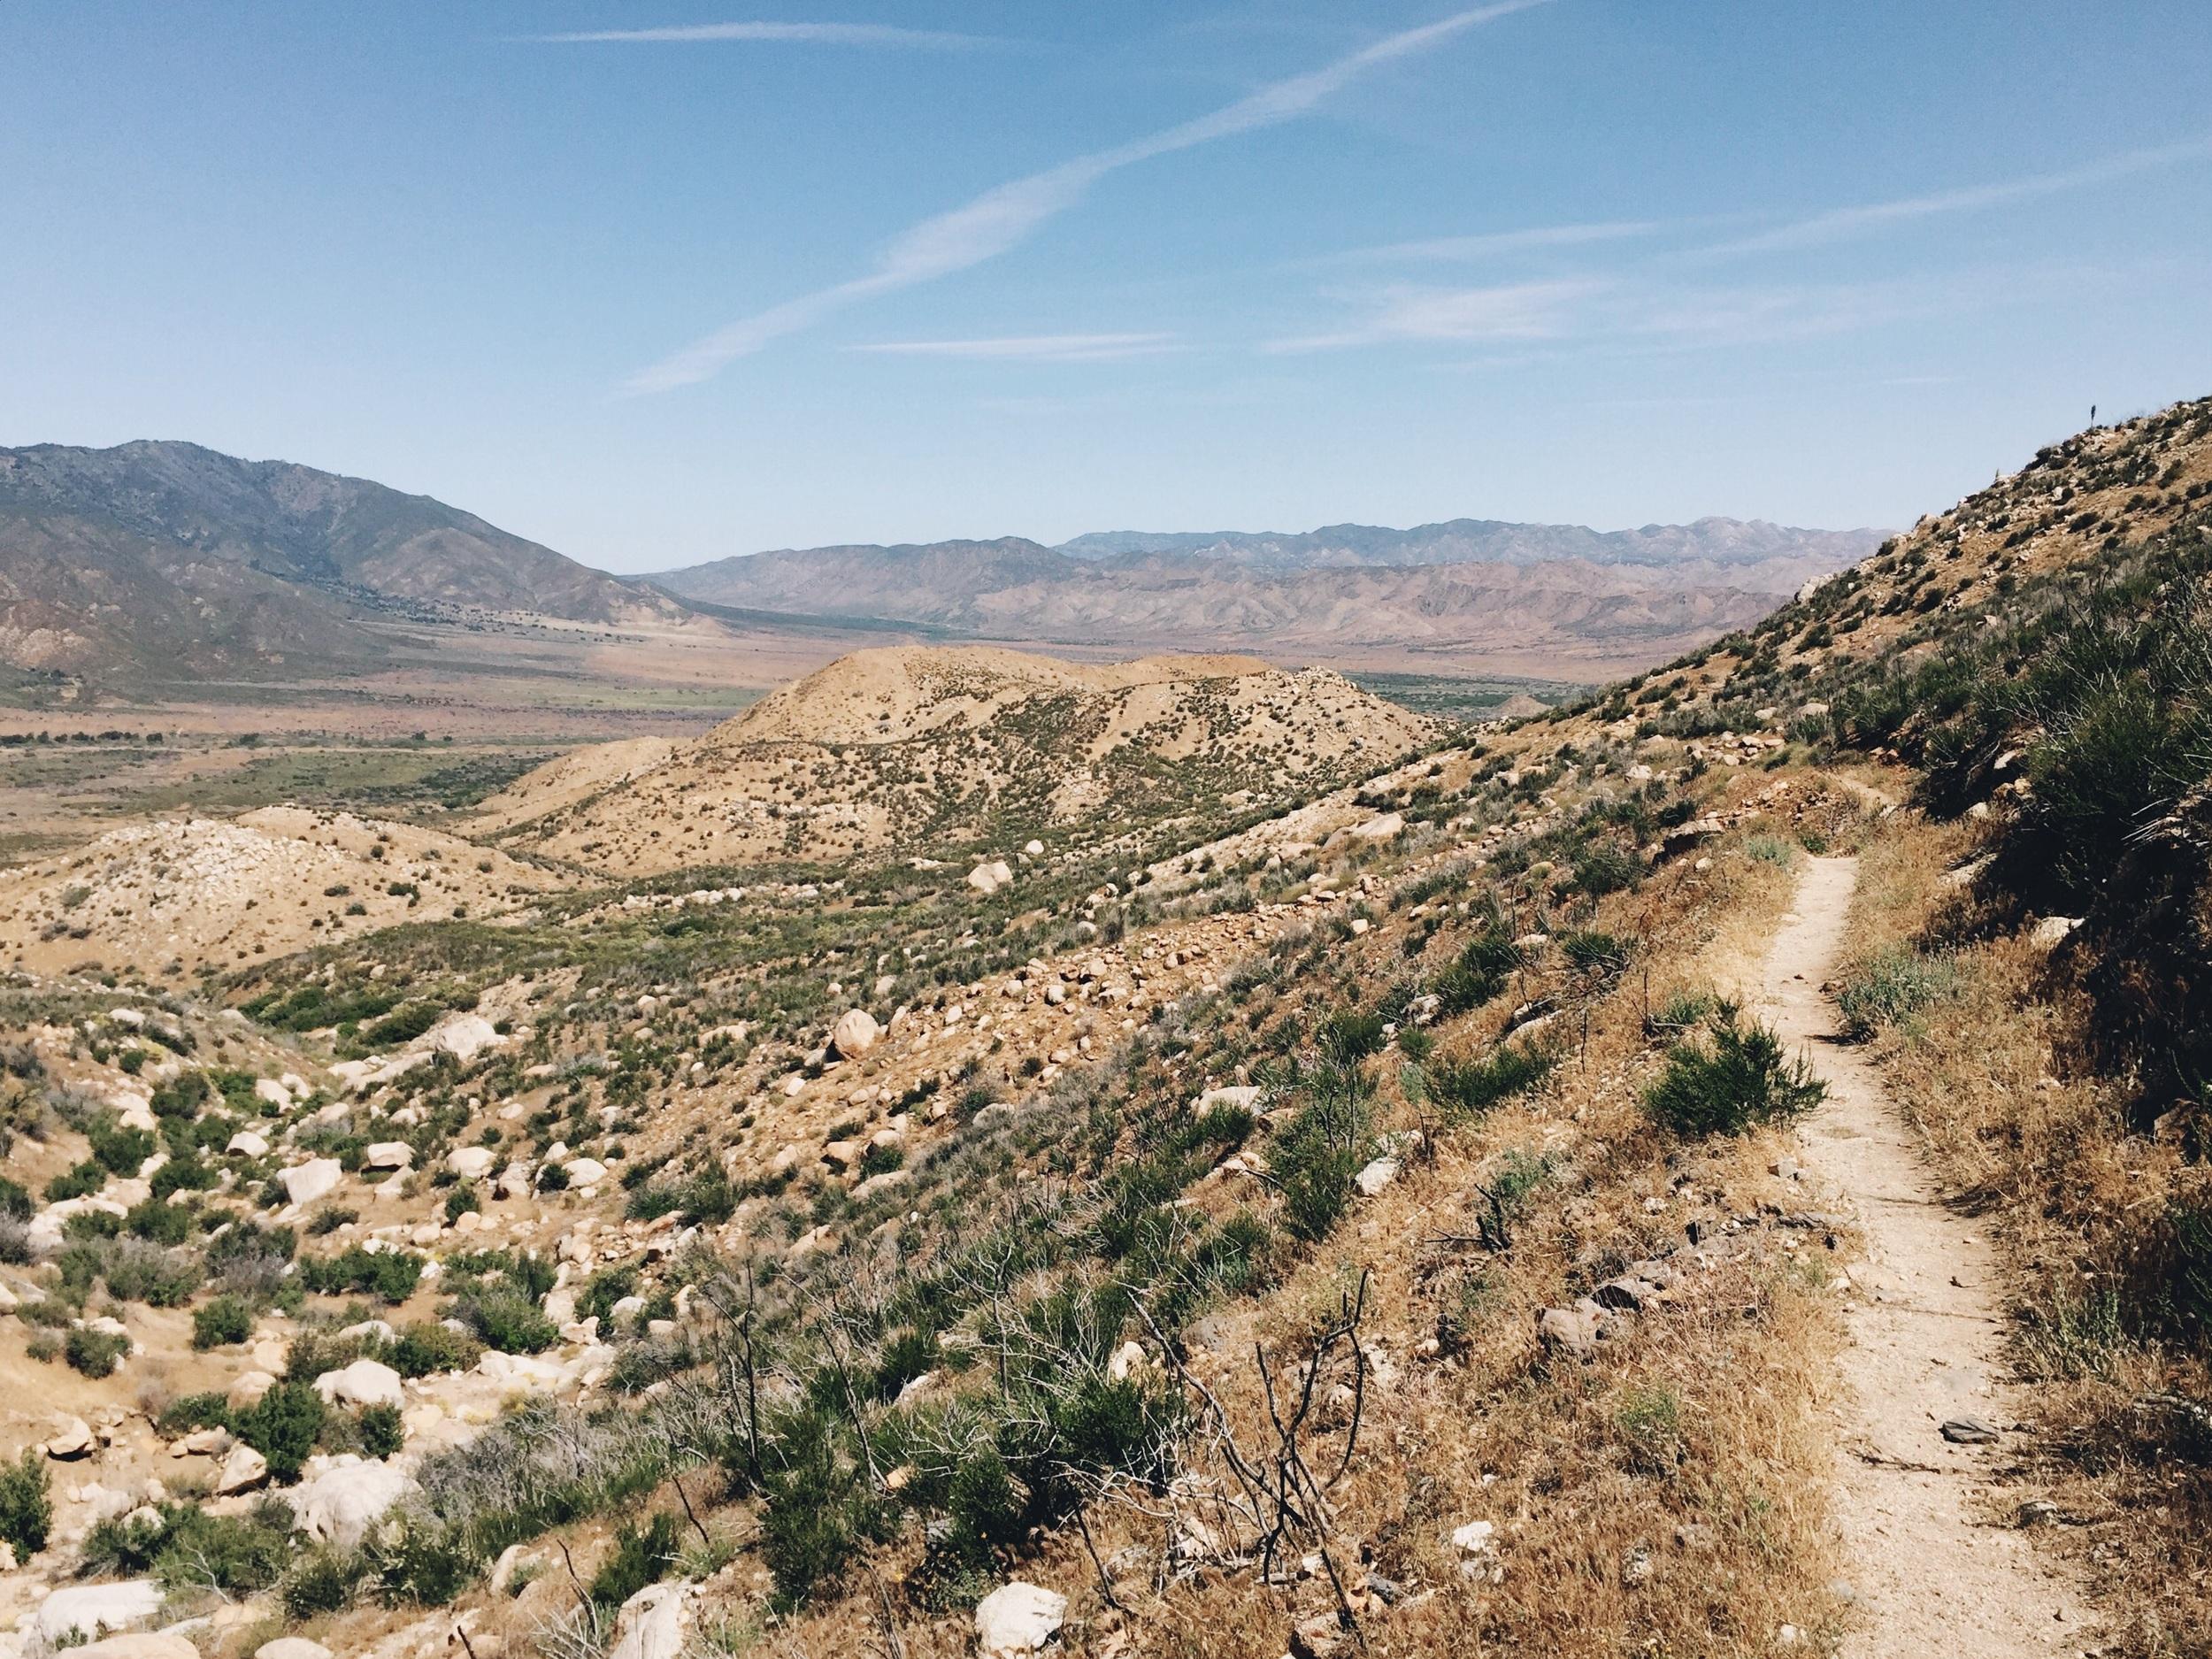 Walking into desert land.